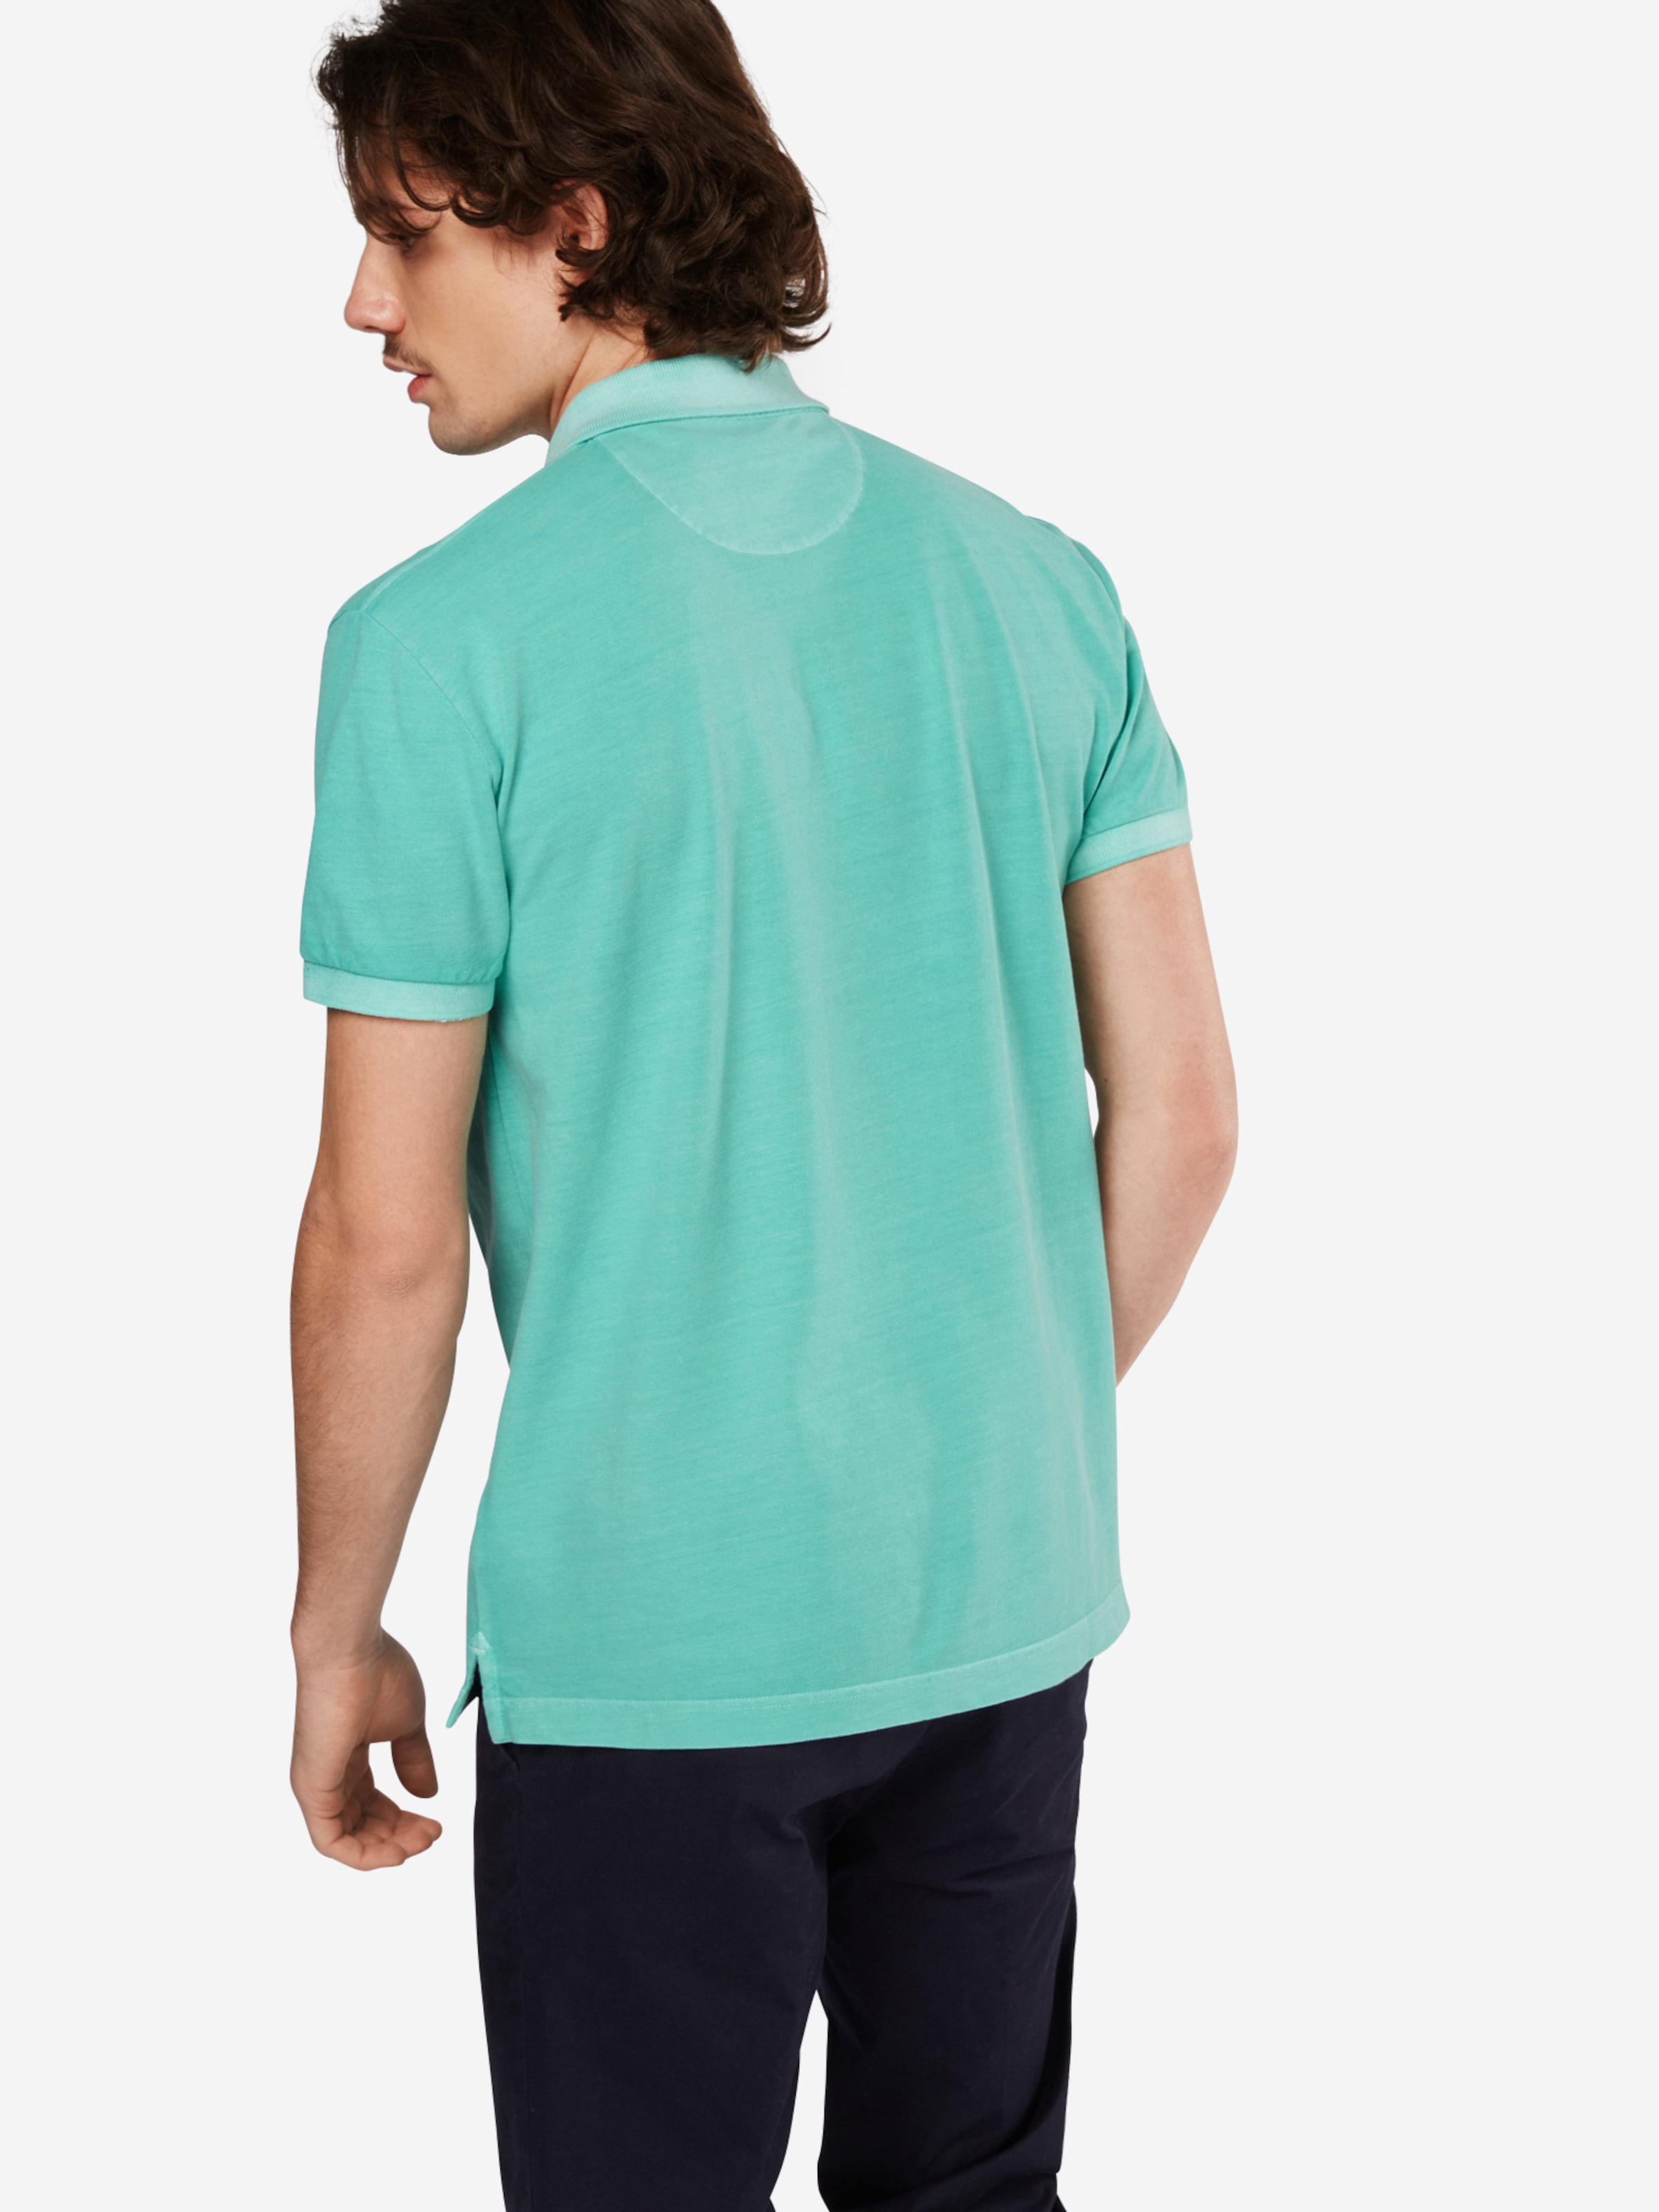 Preiswerte Reale Eastbay Footlocker Bilder Online GANT Poloshirt in gewaschener Optik Kosten Günstig Kaufen Outlet-Store uLuIdfCc